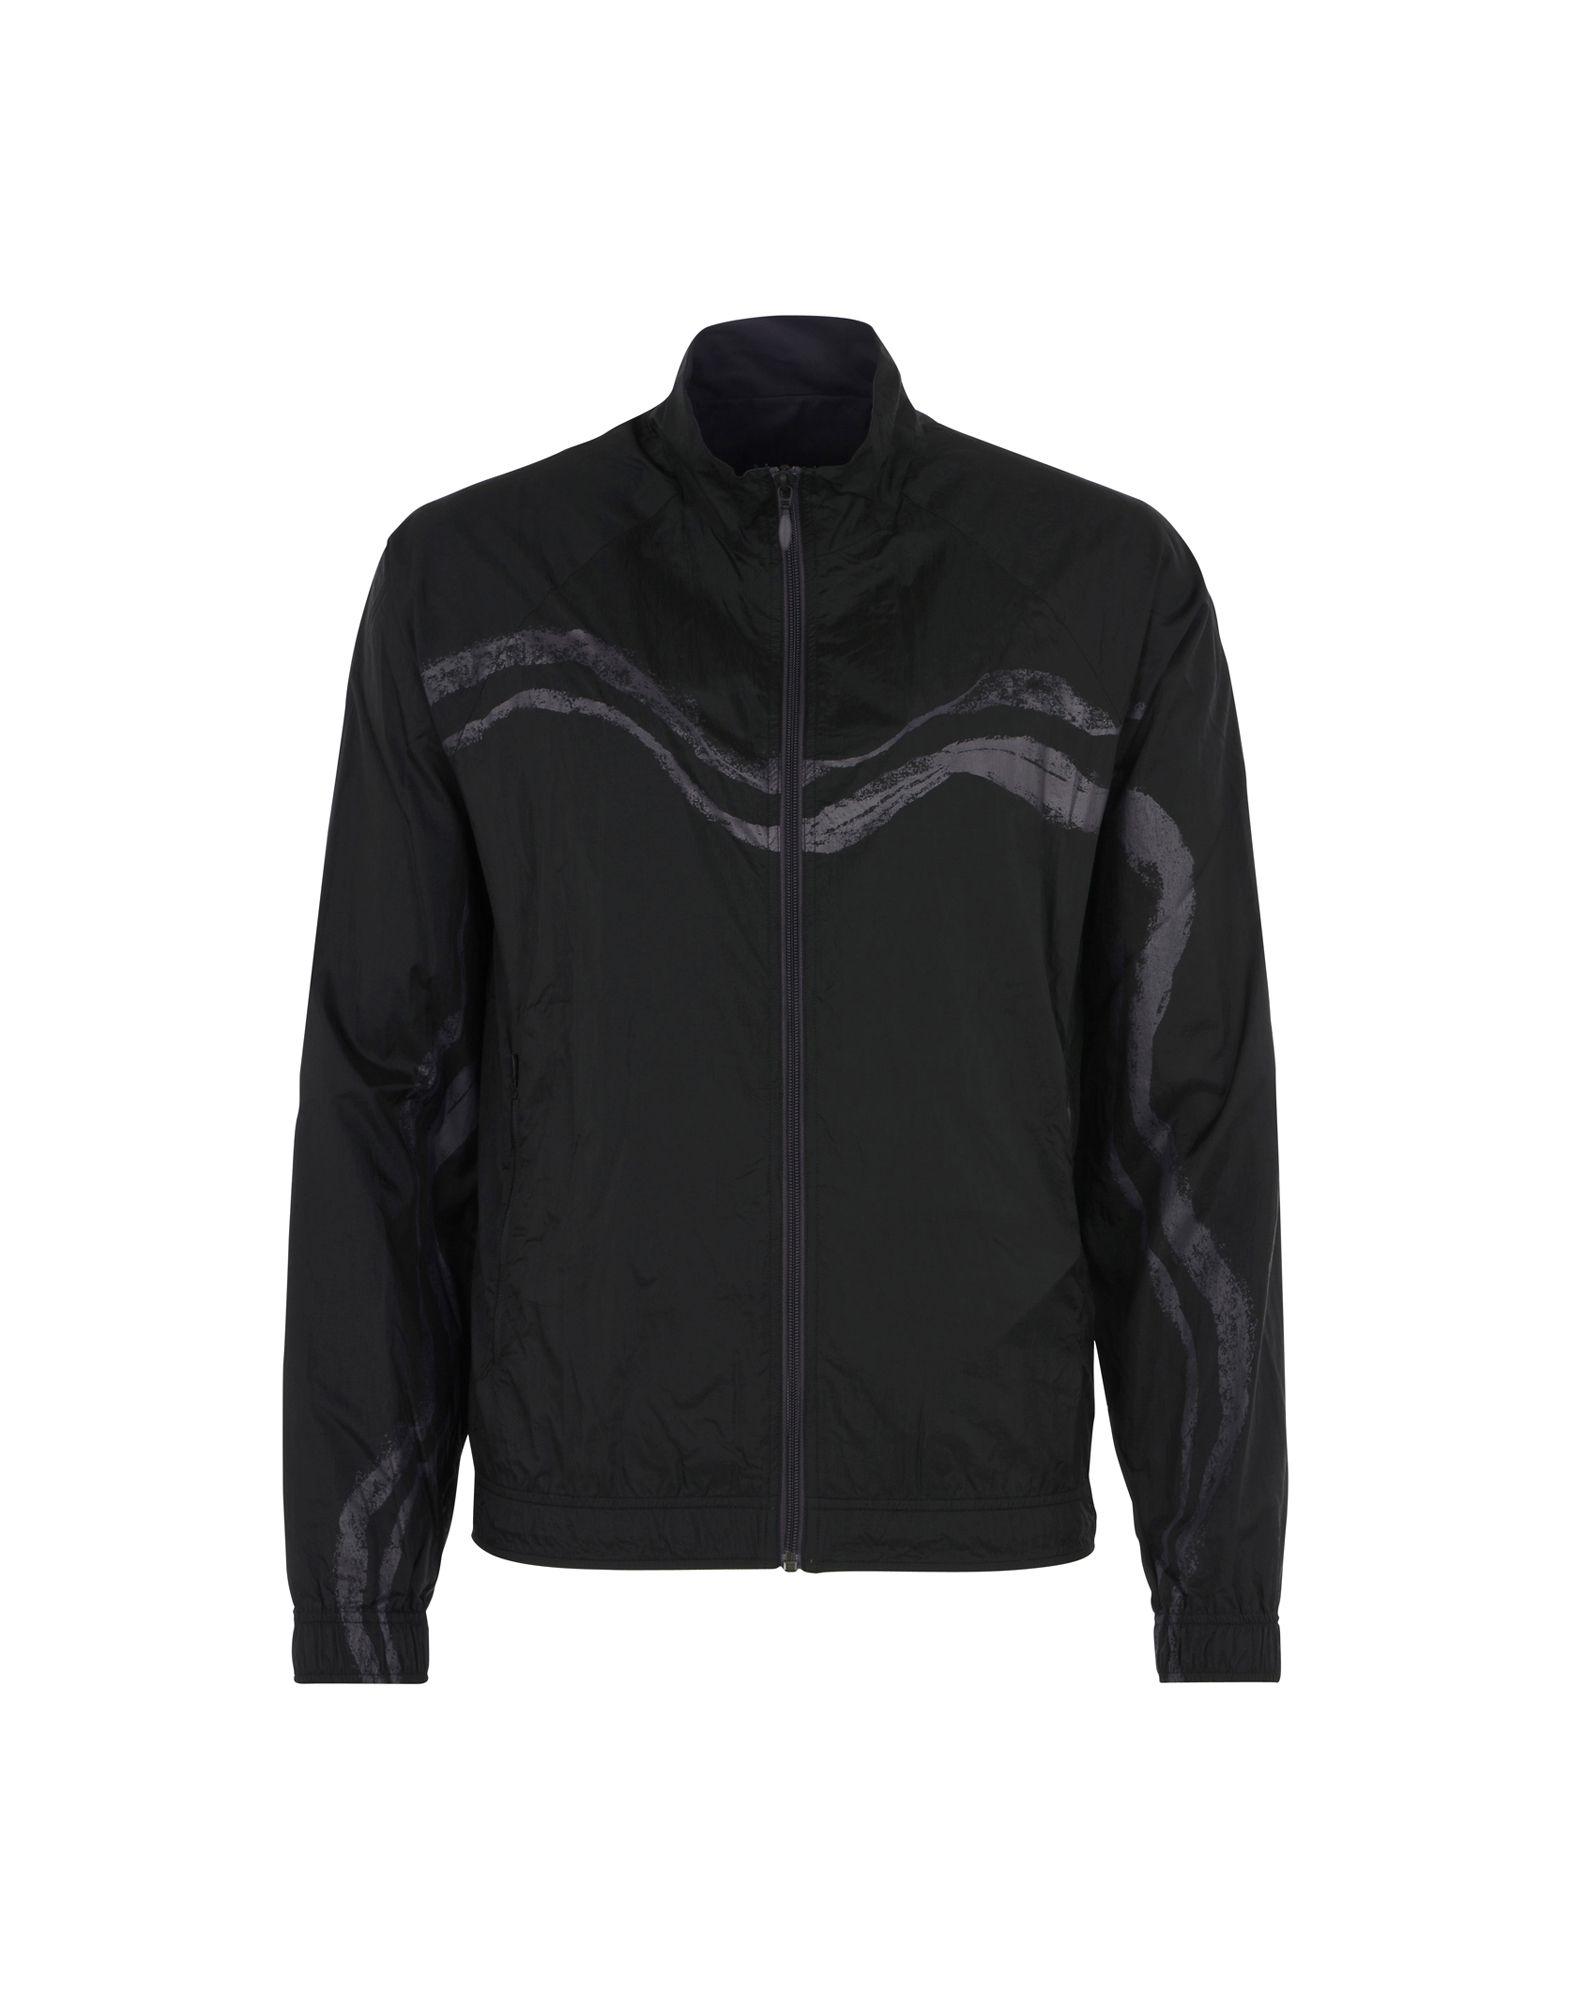 Giubbotto Reebok R&C Reversible Track Jacket - Uomo - Acquista online su